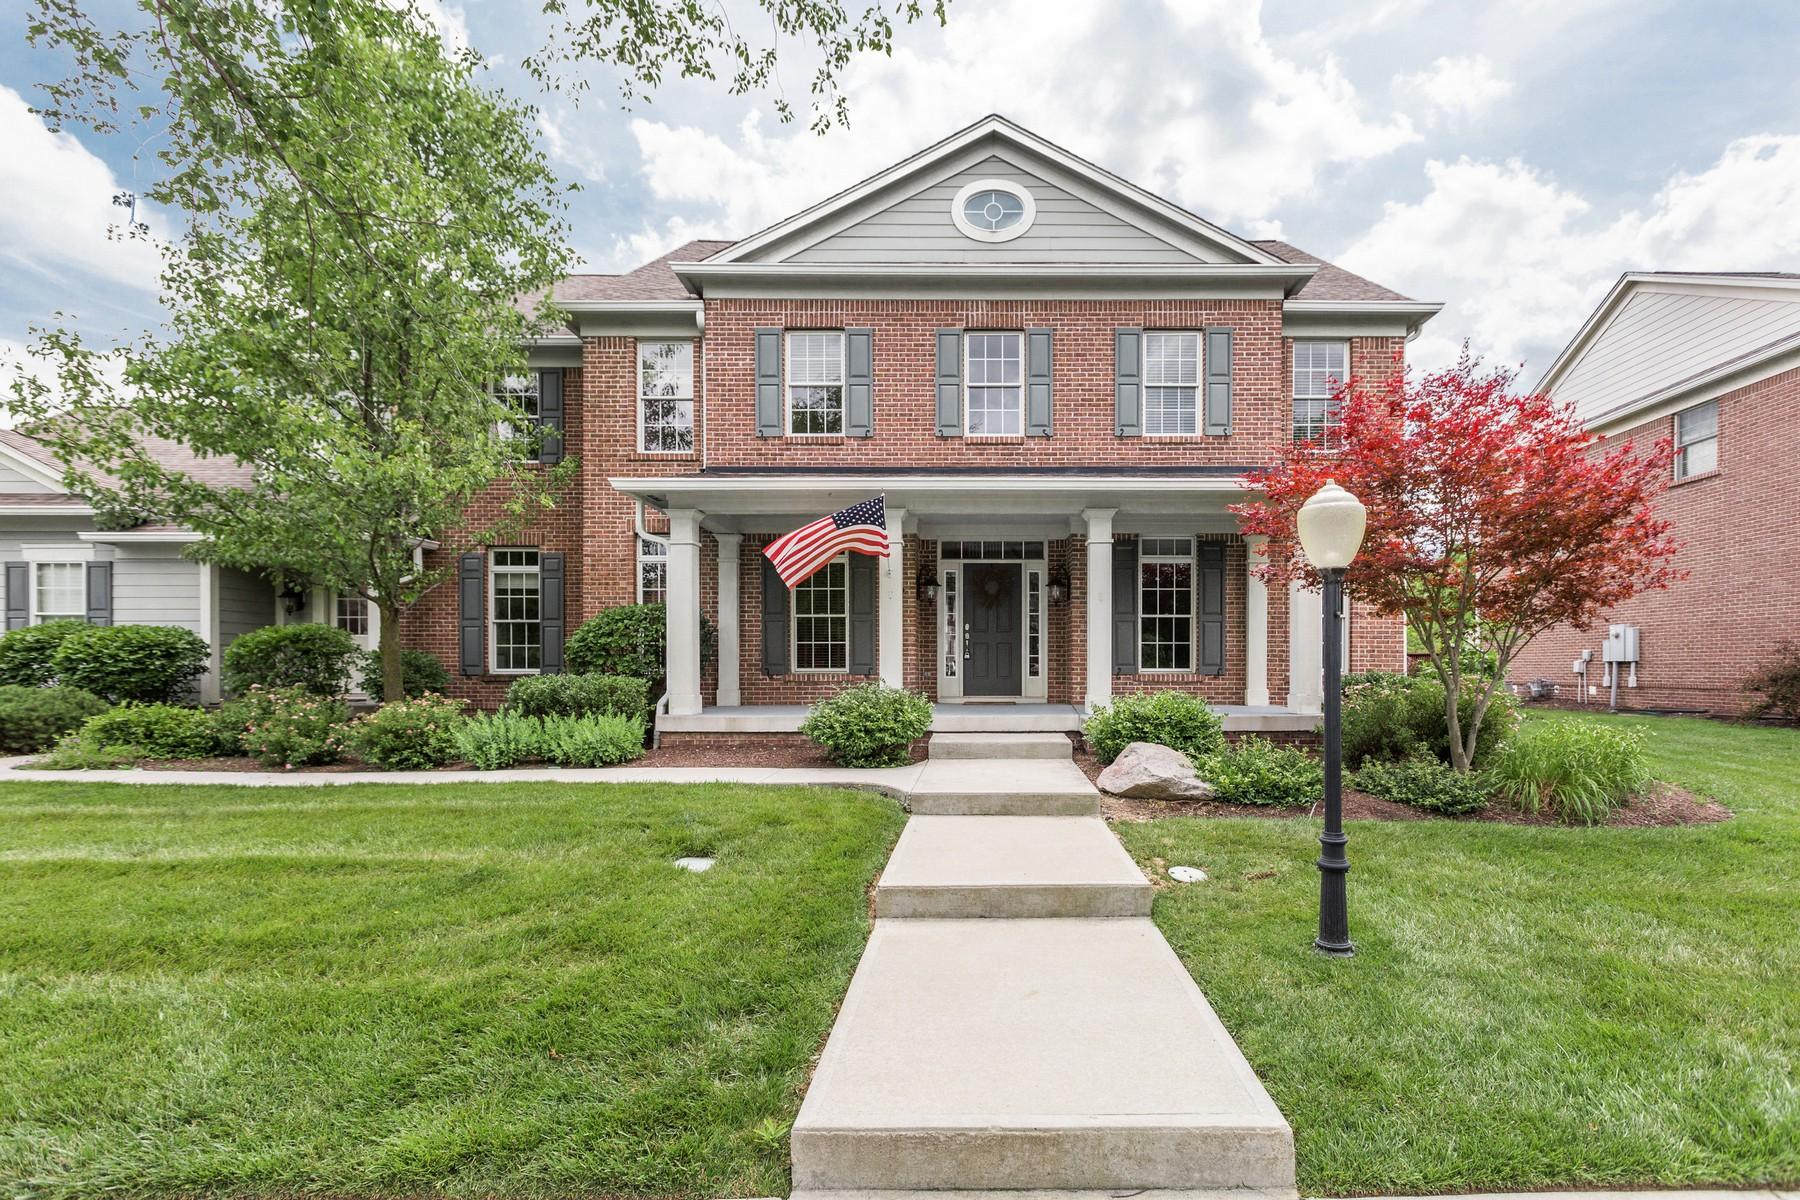 Maison unifamiliale pour l Vente à Immaculate Village of WestClay Home 1751 Halifax Street Carmel, Indiana 46032 États-Unis